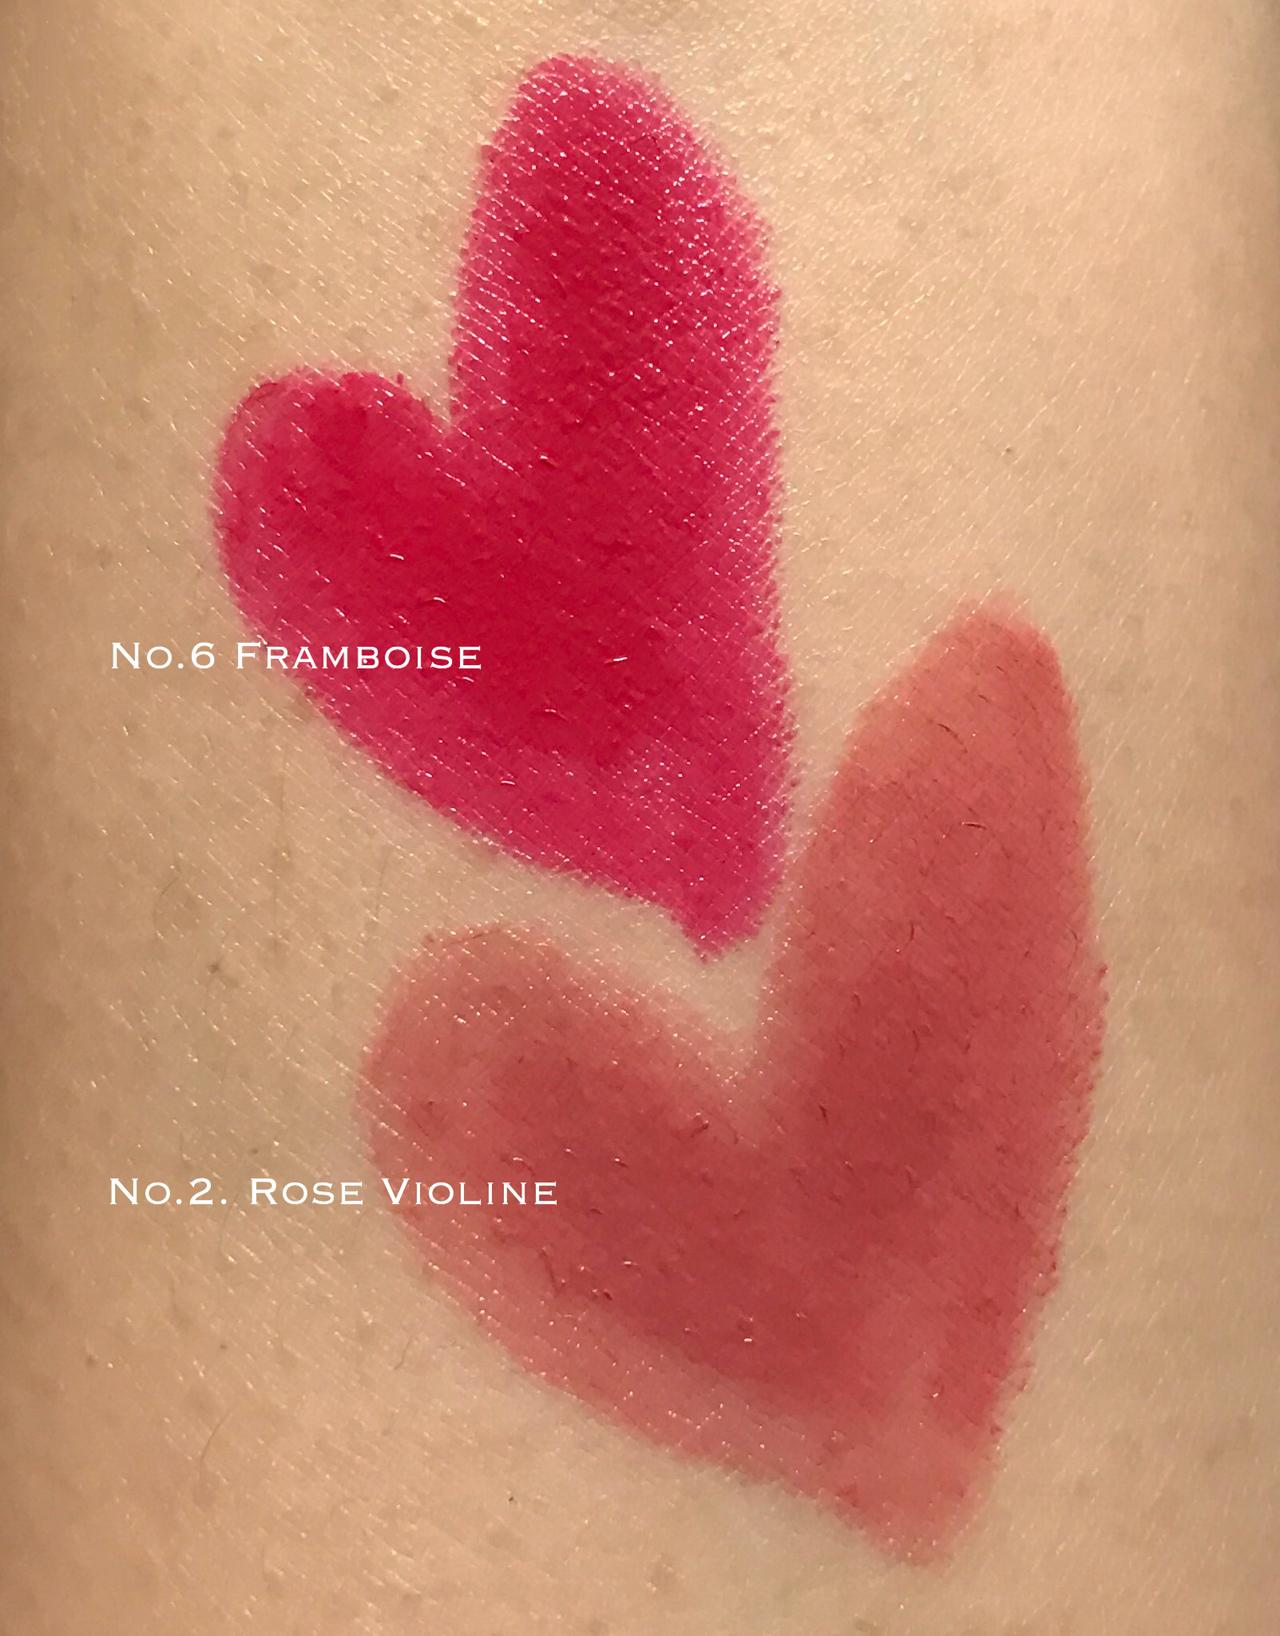 Chanel Le Rouge Crayon de Couleur Rose Violine & Framboise swatches